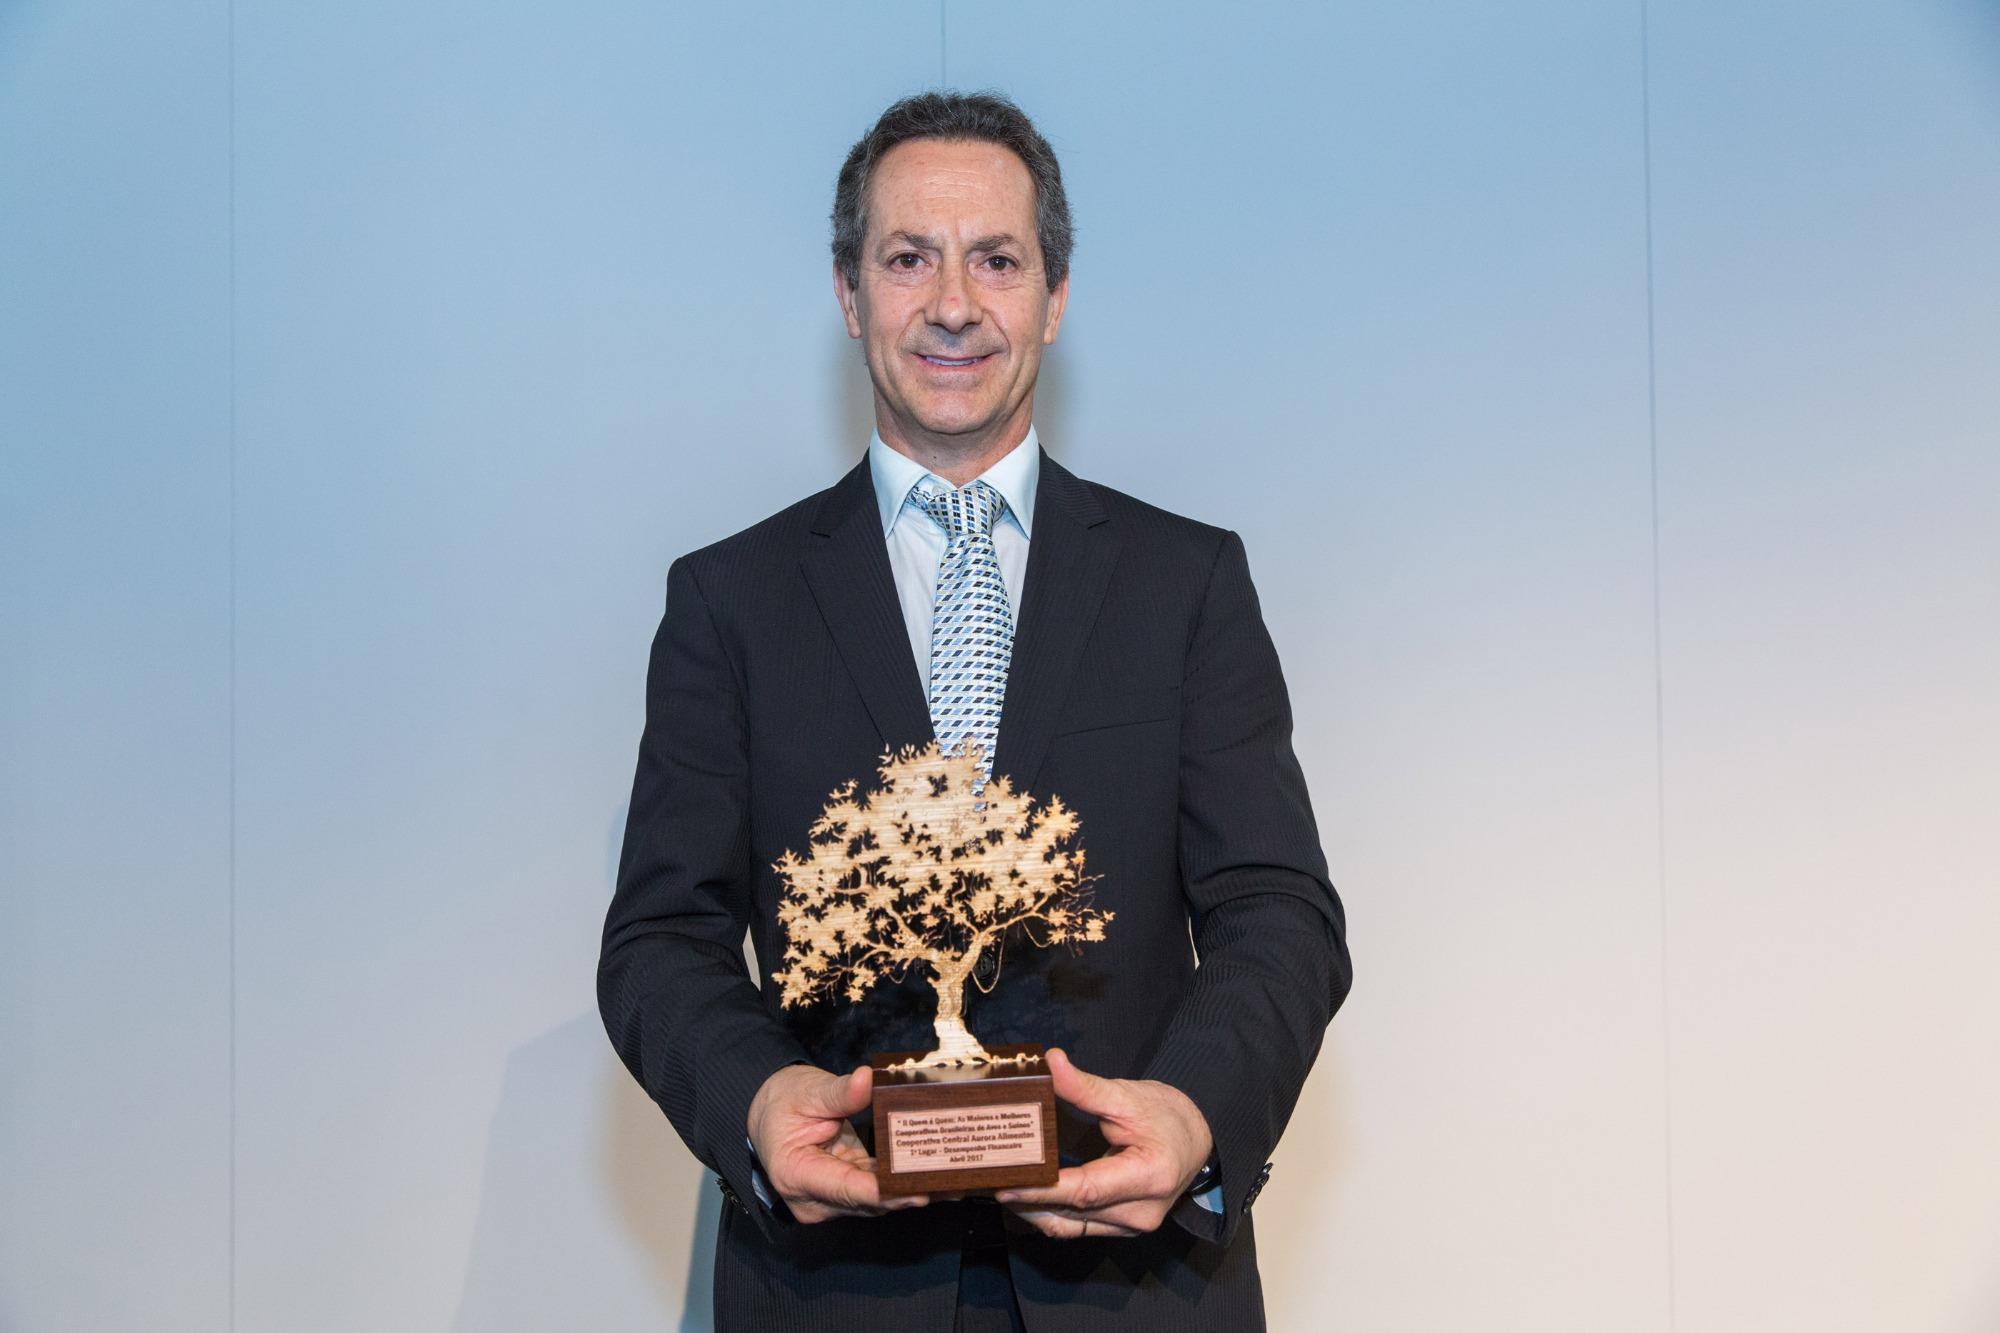 Aurora confirma Neivor Canton como presidente até 2022